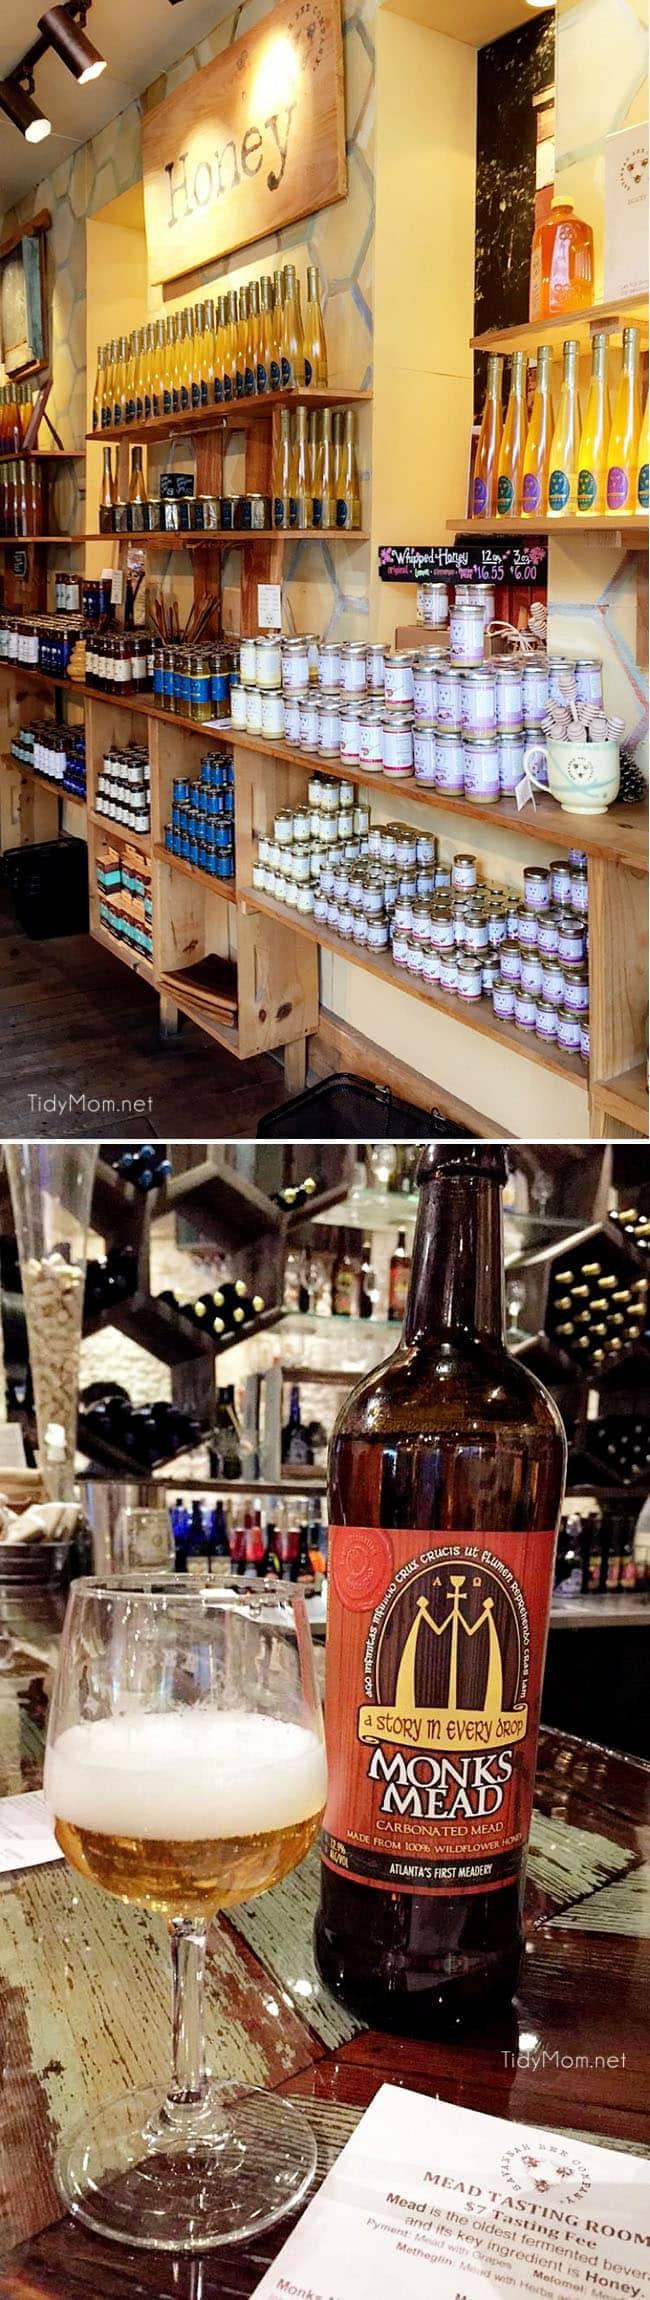 Mead Tasting at Savannah Bee Company. More Savannah travel, eats and sightseeing at TidyMom.net